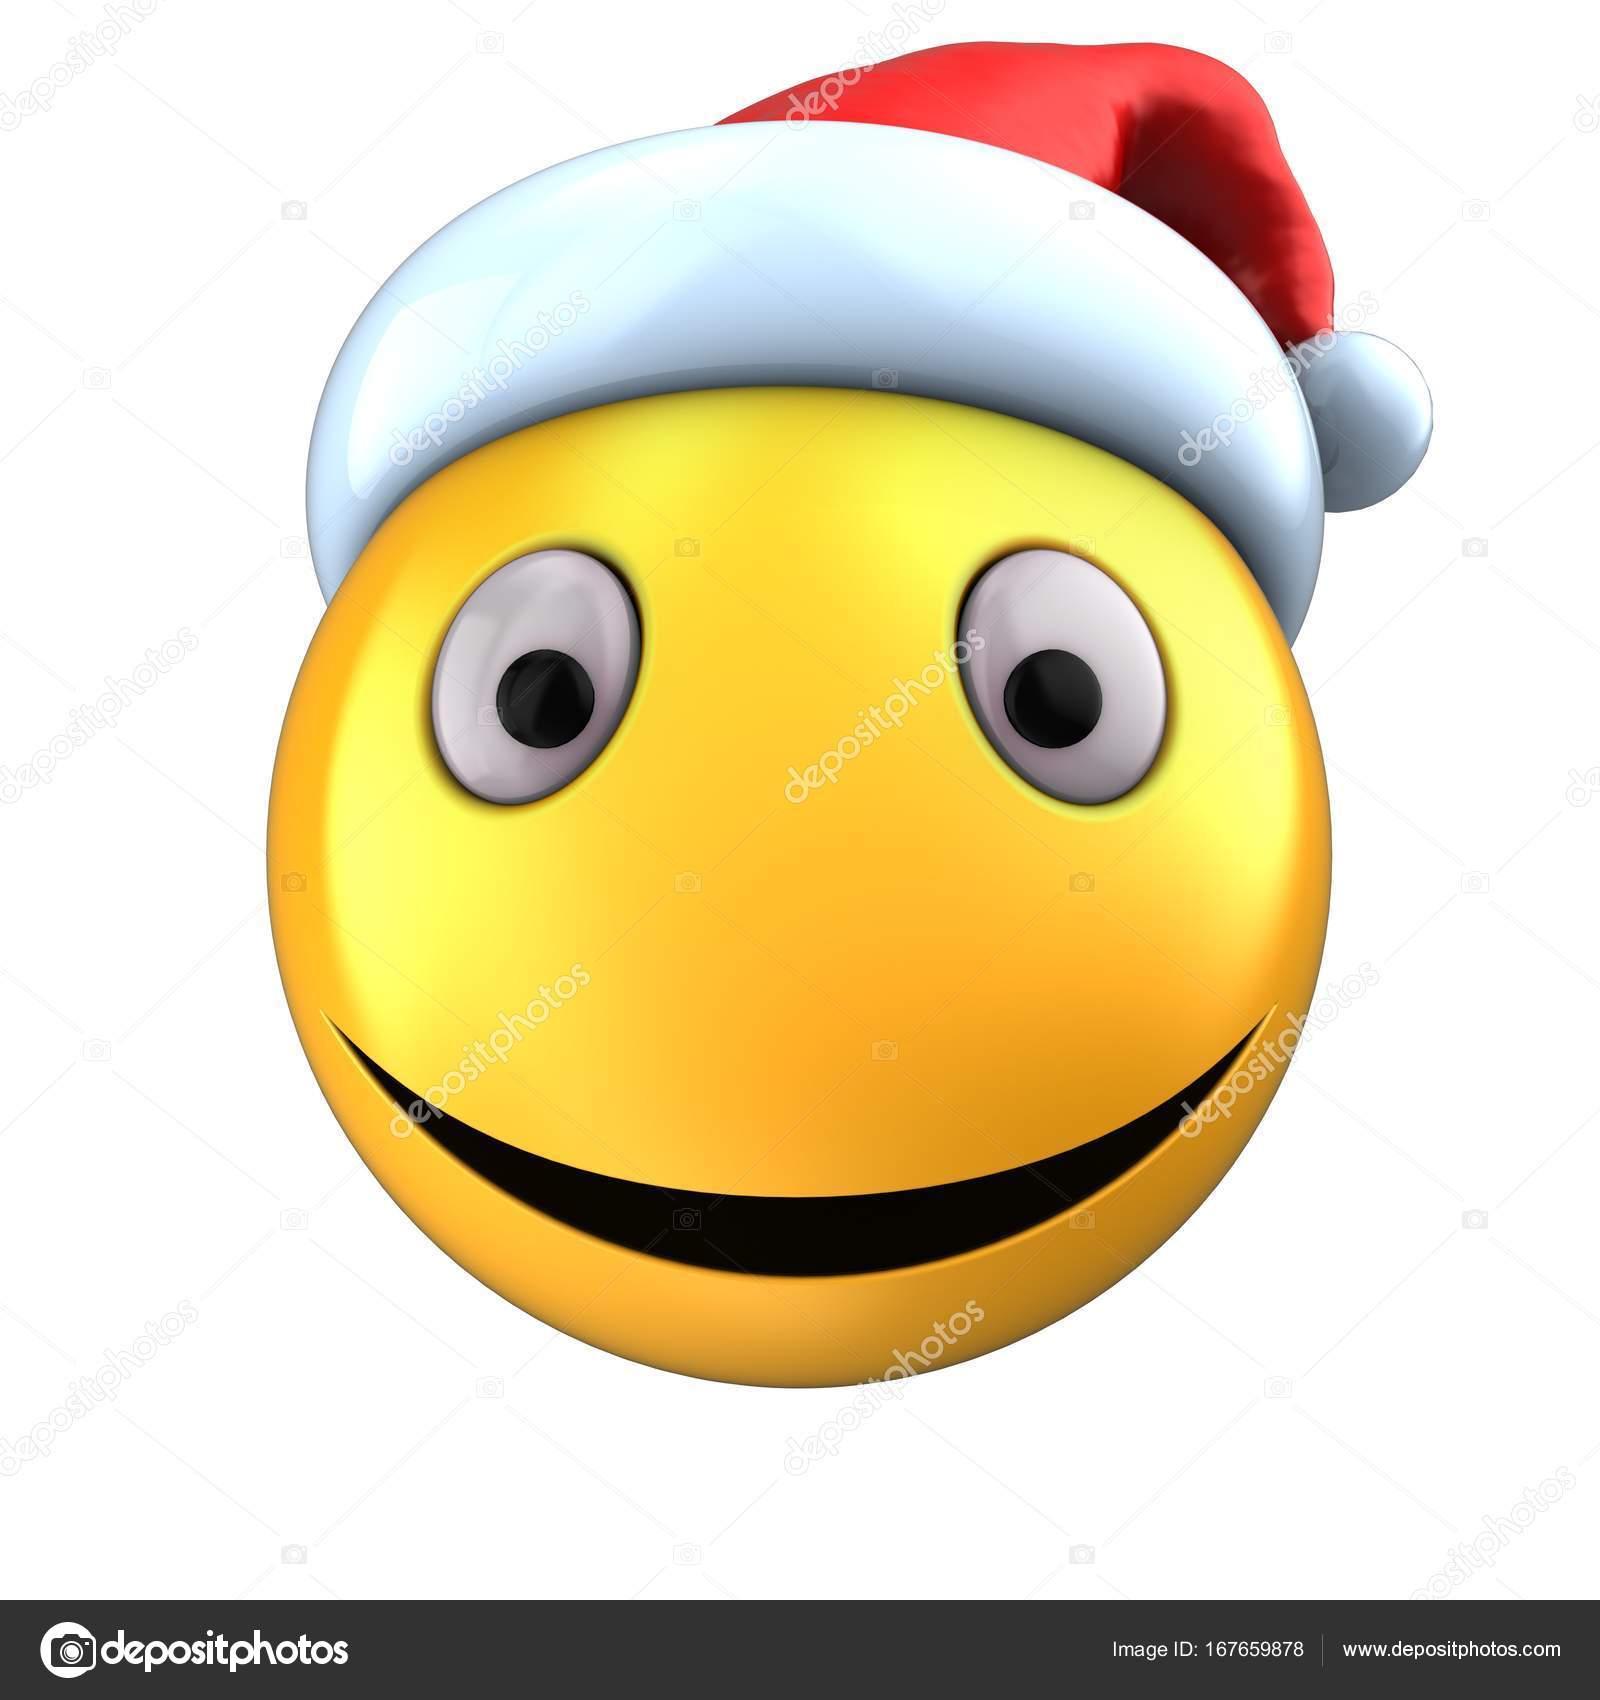 Sourire jaune motic ne photographie mmaxer 167659878 - Image sourire gratuit ...